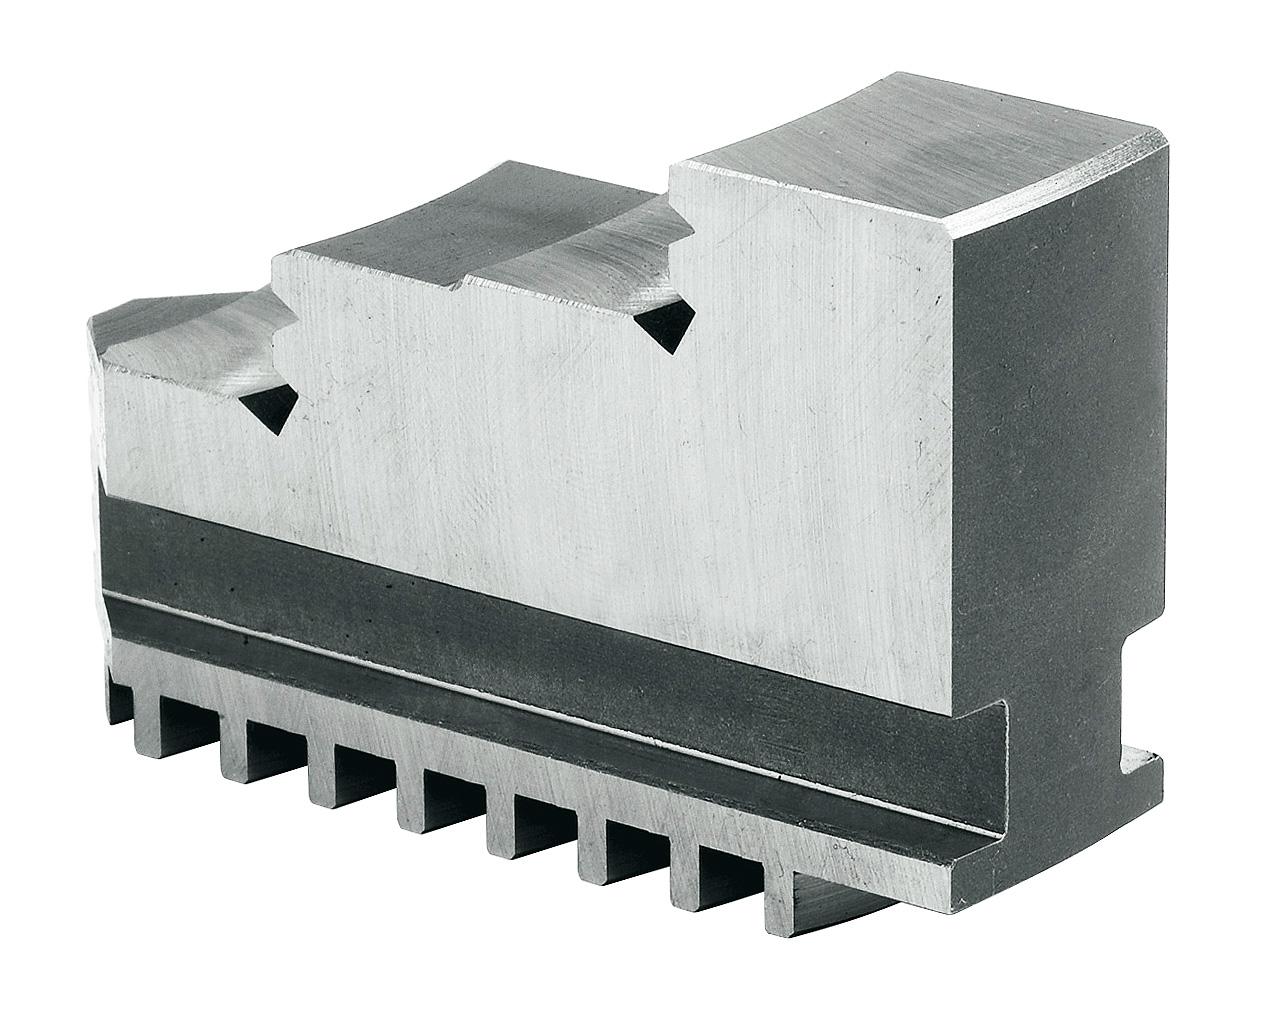 Szczęki jednolite twarde wewnętrzne - komplet DIJ-DK11-80 BERNARDO